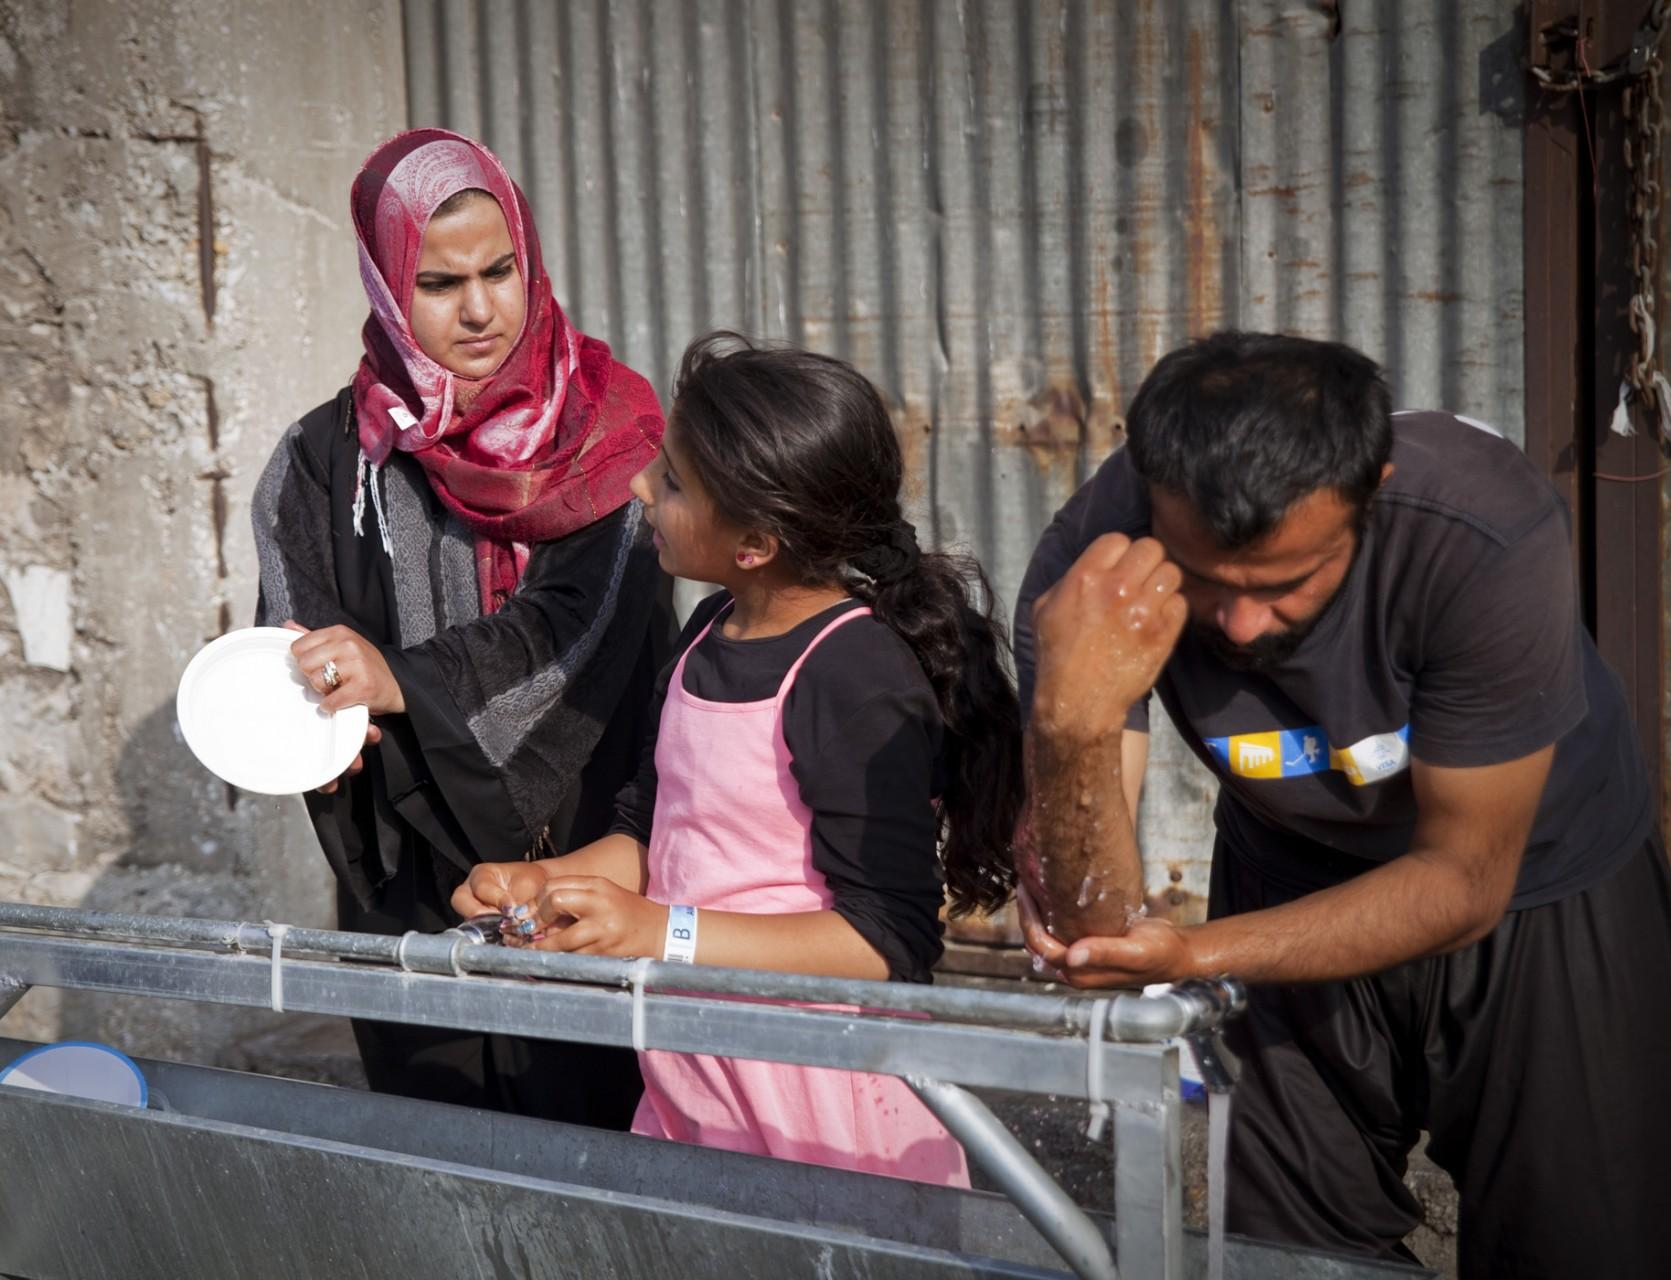 Le point d'eau sert à la fois à se fournir en eau potable (grâce à des bidons), à faire la vaisselle, et à se laver (5 fois par jour avant la prière pour les pratiquants musulmans) et à faire sa lessive.